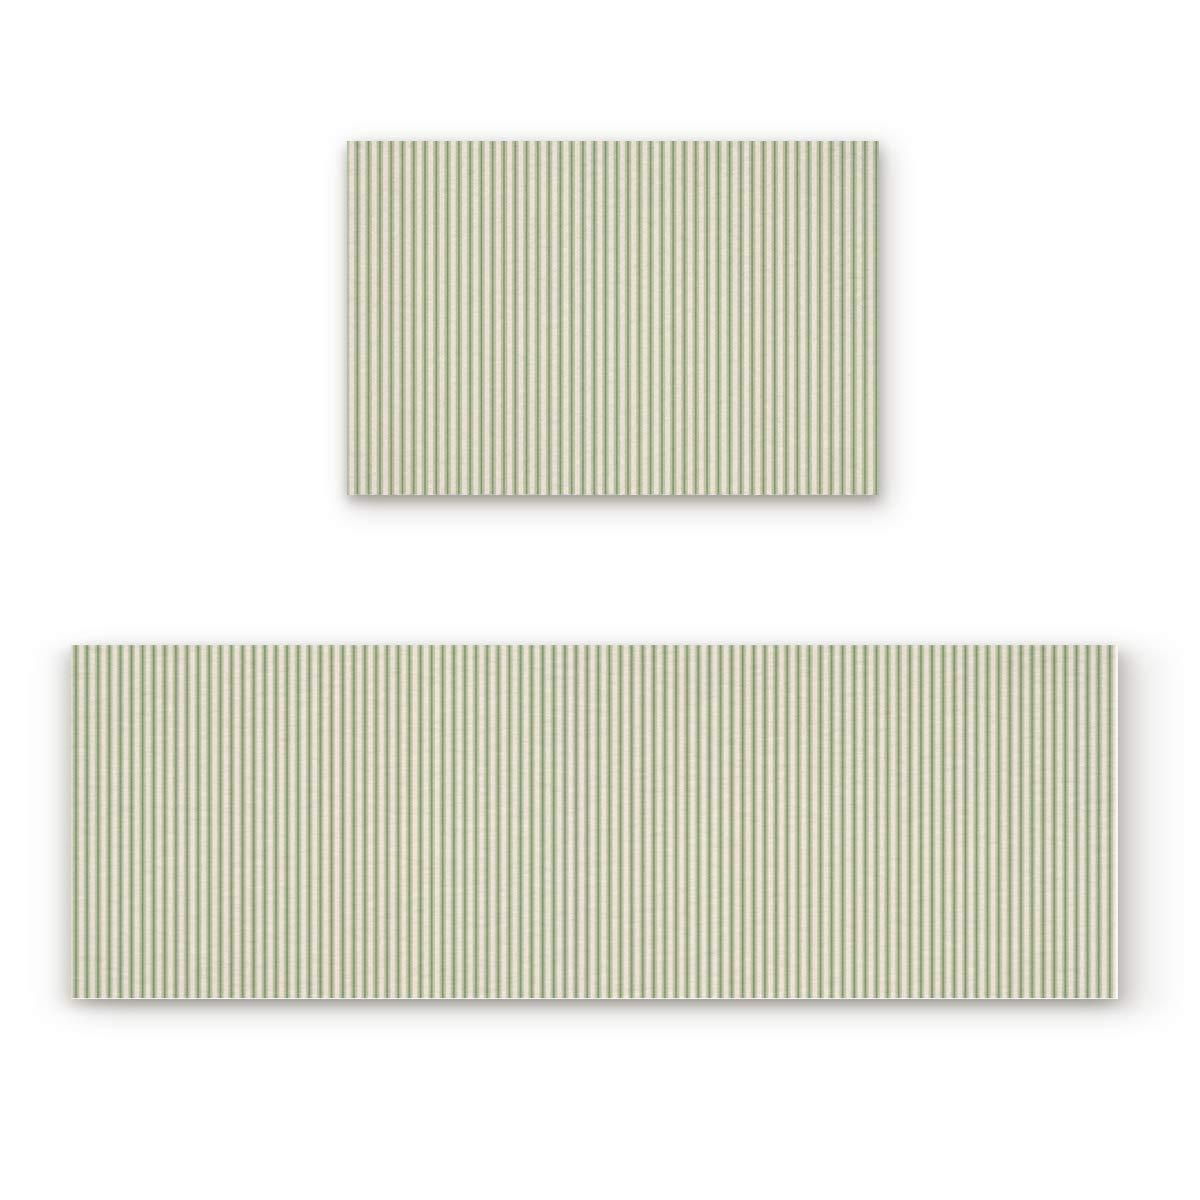 Stripe61fiy2880 15.7x23.6In+15.7x47.2In Findamy Non-Slip Indoor Door Mat Entrance Rug Rectangle Absorbent Moisture Floor Carpet for colorful Sea World Pattern Doormat 23.6x35.4In+23.6x70.9In